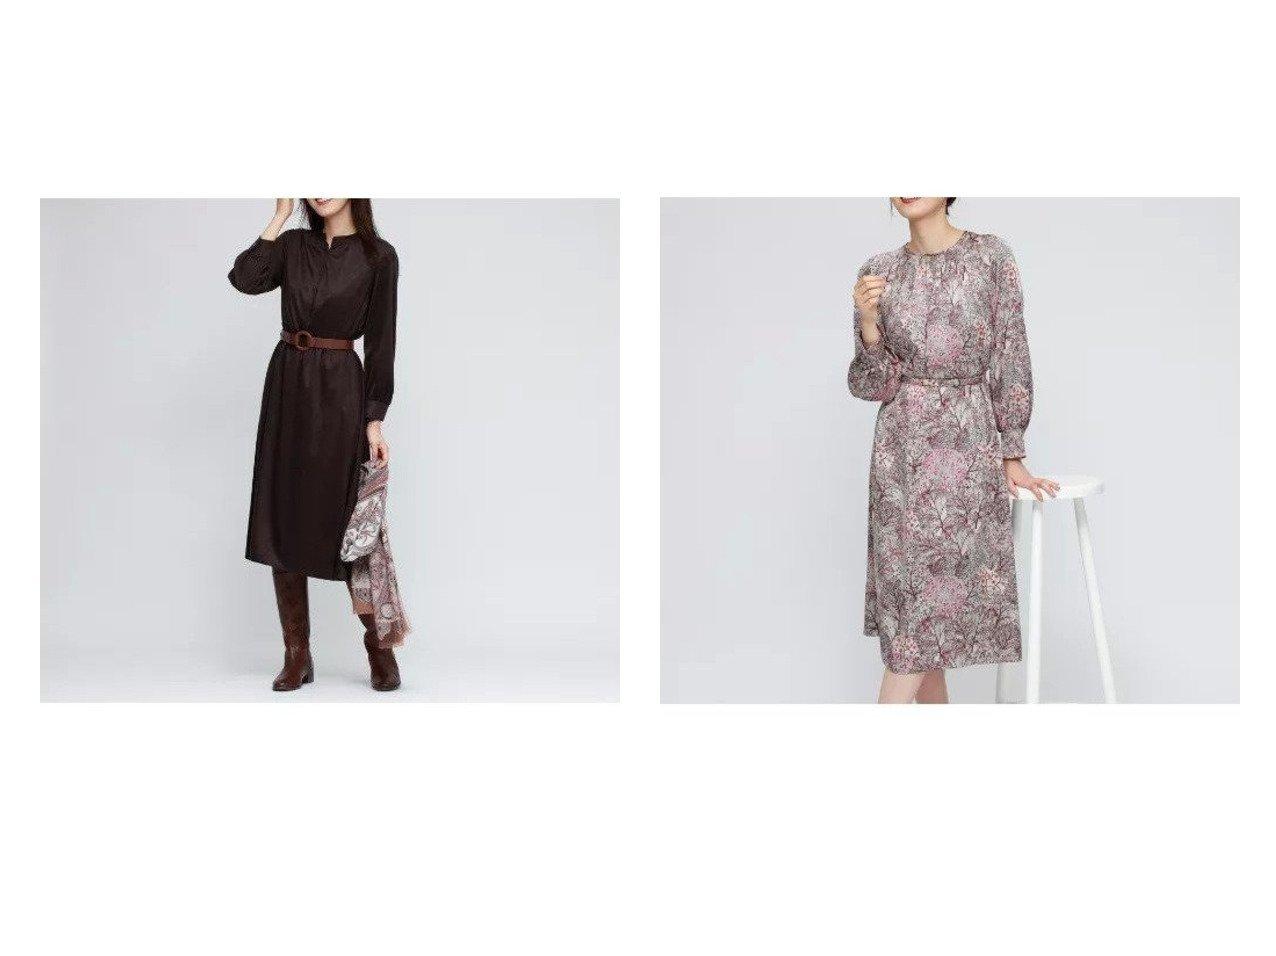 【AMACA/アマカ】の【LIBERTY】David joe ノーブルサテンドレス&スウェードジャージードレス 【ワンピース・ドレス】おすすめ!人気、トレンド・レディースファッションの通販 おすすめで人気の流行・トレンド、ファッションの通販商品 インテリア・家具・メンズファッション・キッズファッション・レディースファッション・服の通販 founy(ファニー) https://founy.com/ ファッション Fashion レディースファッション WOMEN ワンピース Dress ドレス Party Dresses S/S・春夏 SS・Spring/Summer インド コレクション シャーリング ドレス フォーマル 夏 Summer 春 Spring アンダー ギャザー ジャケット ジャージ スウェード フィット 秋 Autumn/Fall  ID:crp329100000072636